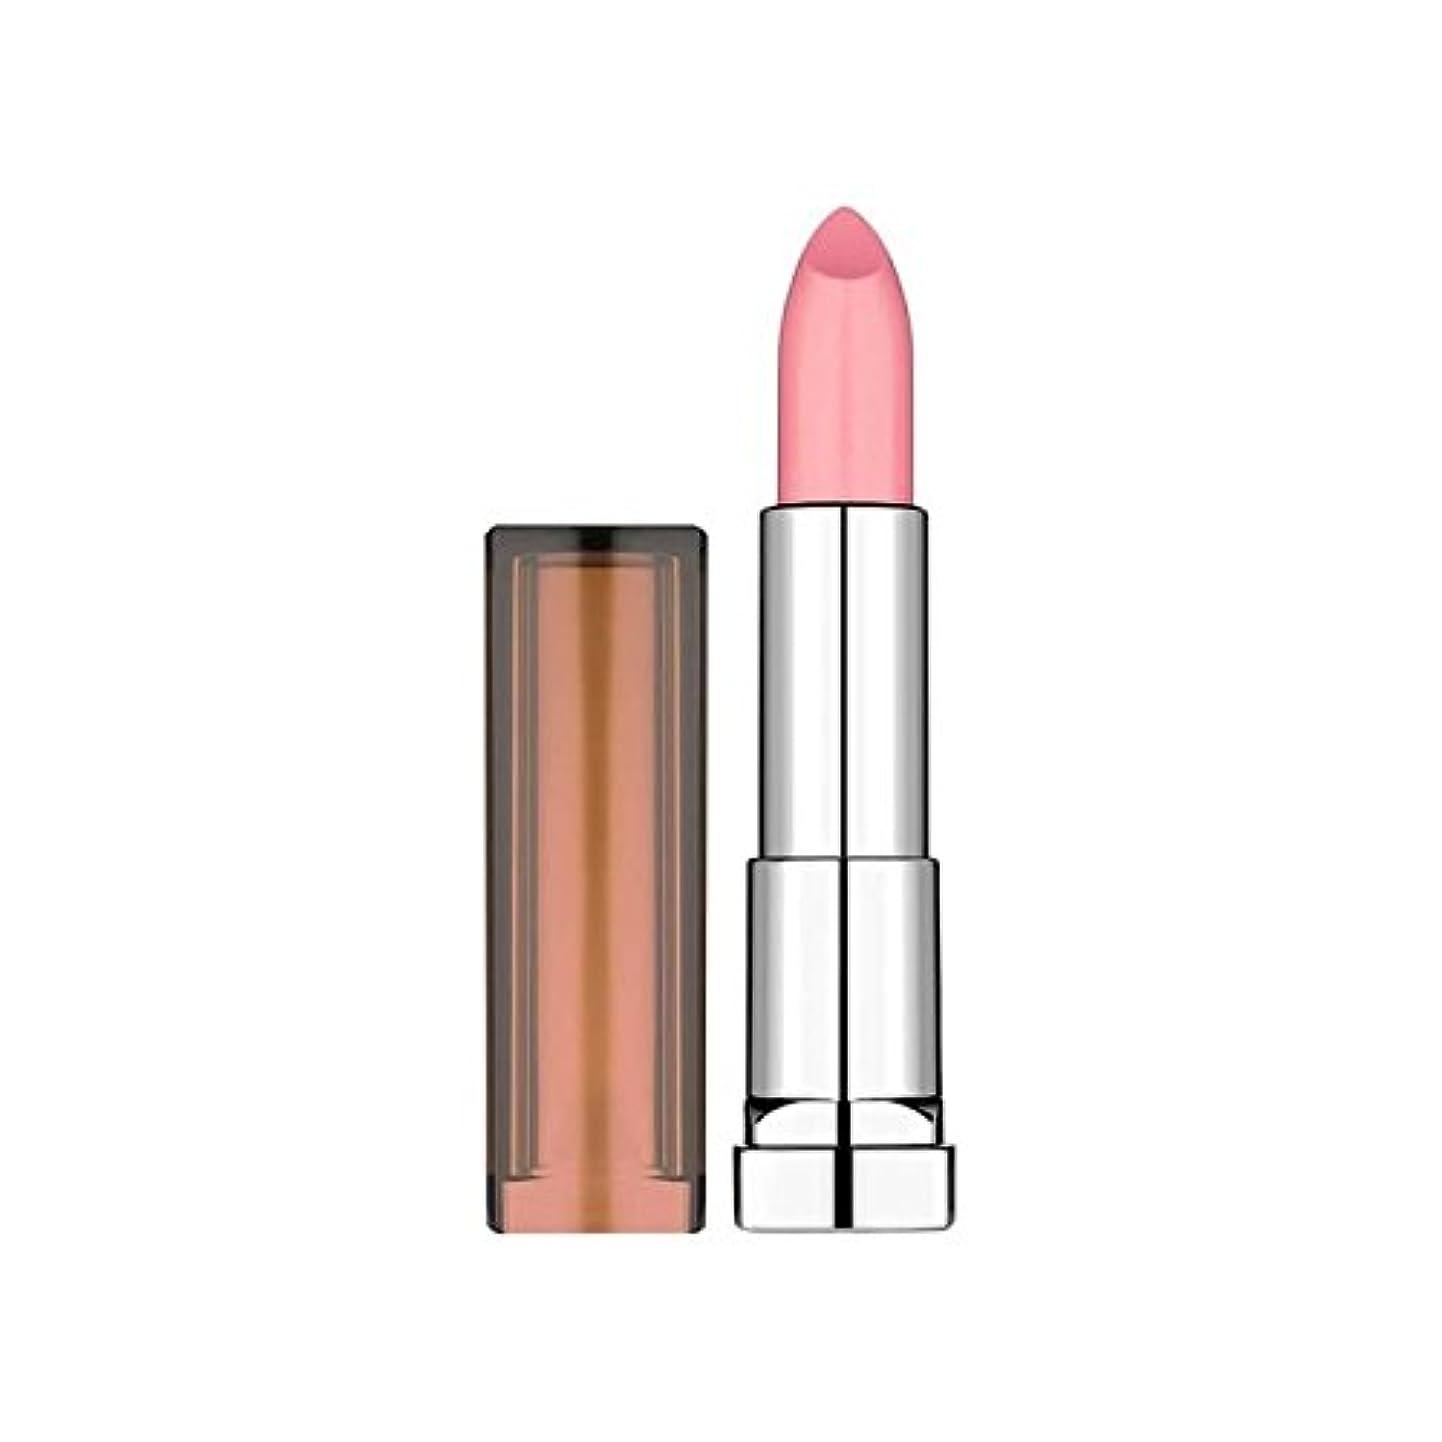 分解する緩める知覚的メイベリンカラーセンセーショナルなヌードは107かなり裸の口紅 x2 - Maybelline Color Sensational Nudes Lipstick 107 Fairly Bare (Pack of 2) [並行輸入品]